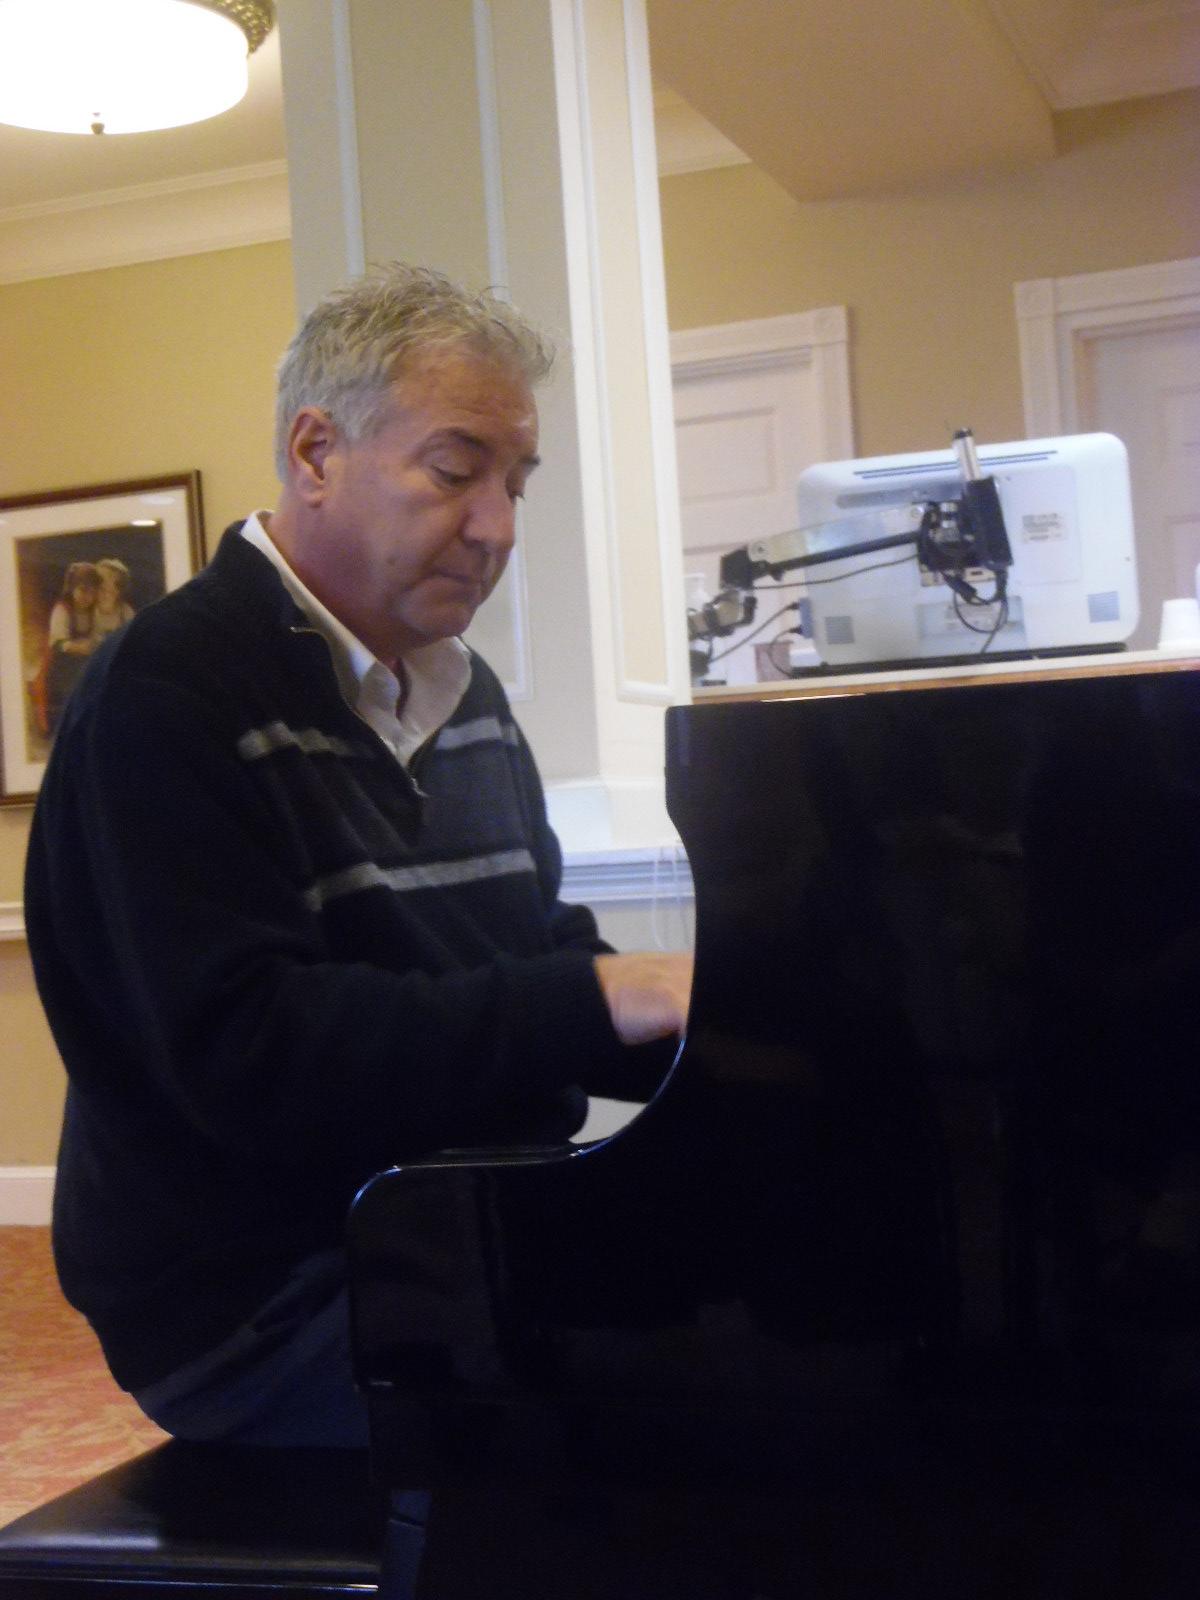 Rob Callmeyer music